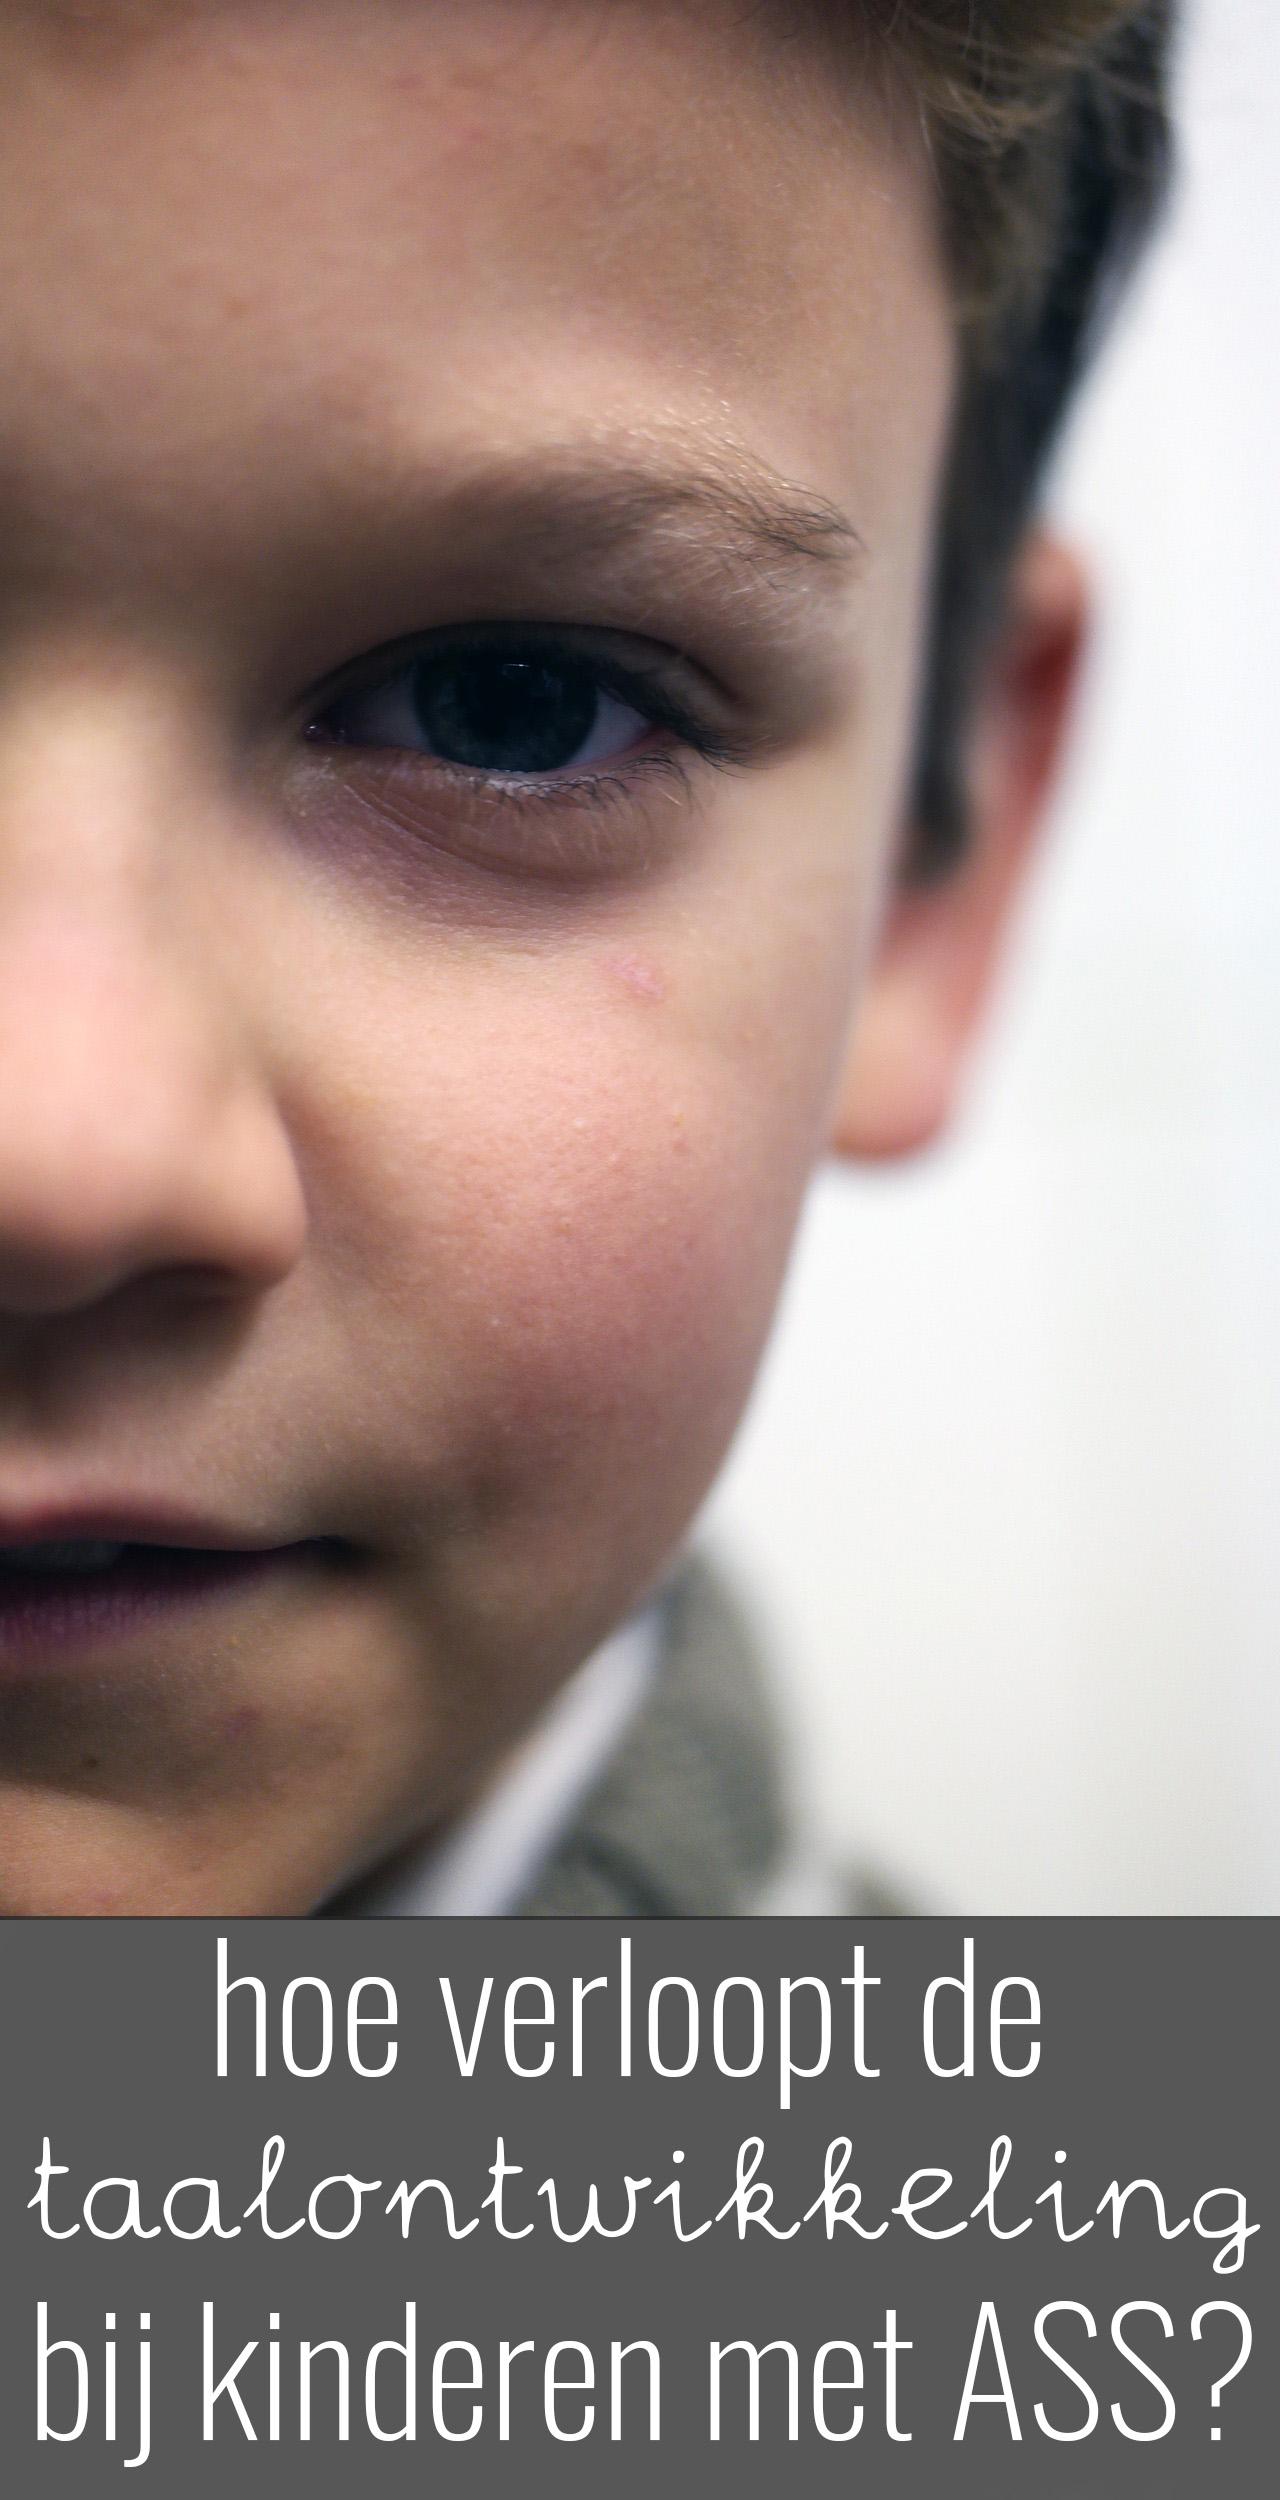 De taalontwikkeling bij kinderen met ASS verloopt anders dan bij kinderen met een 'normale' ontwikkeling. Ze vallen op in hun spreken en woordenschat.